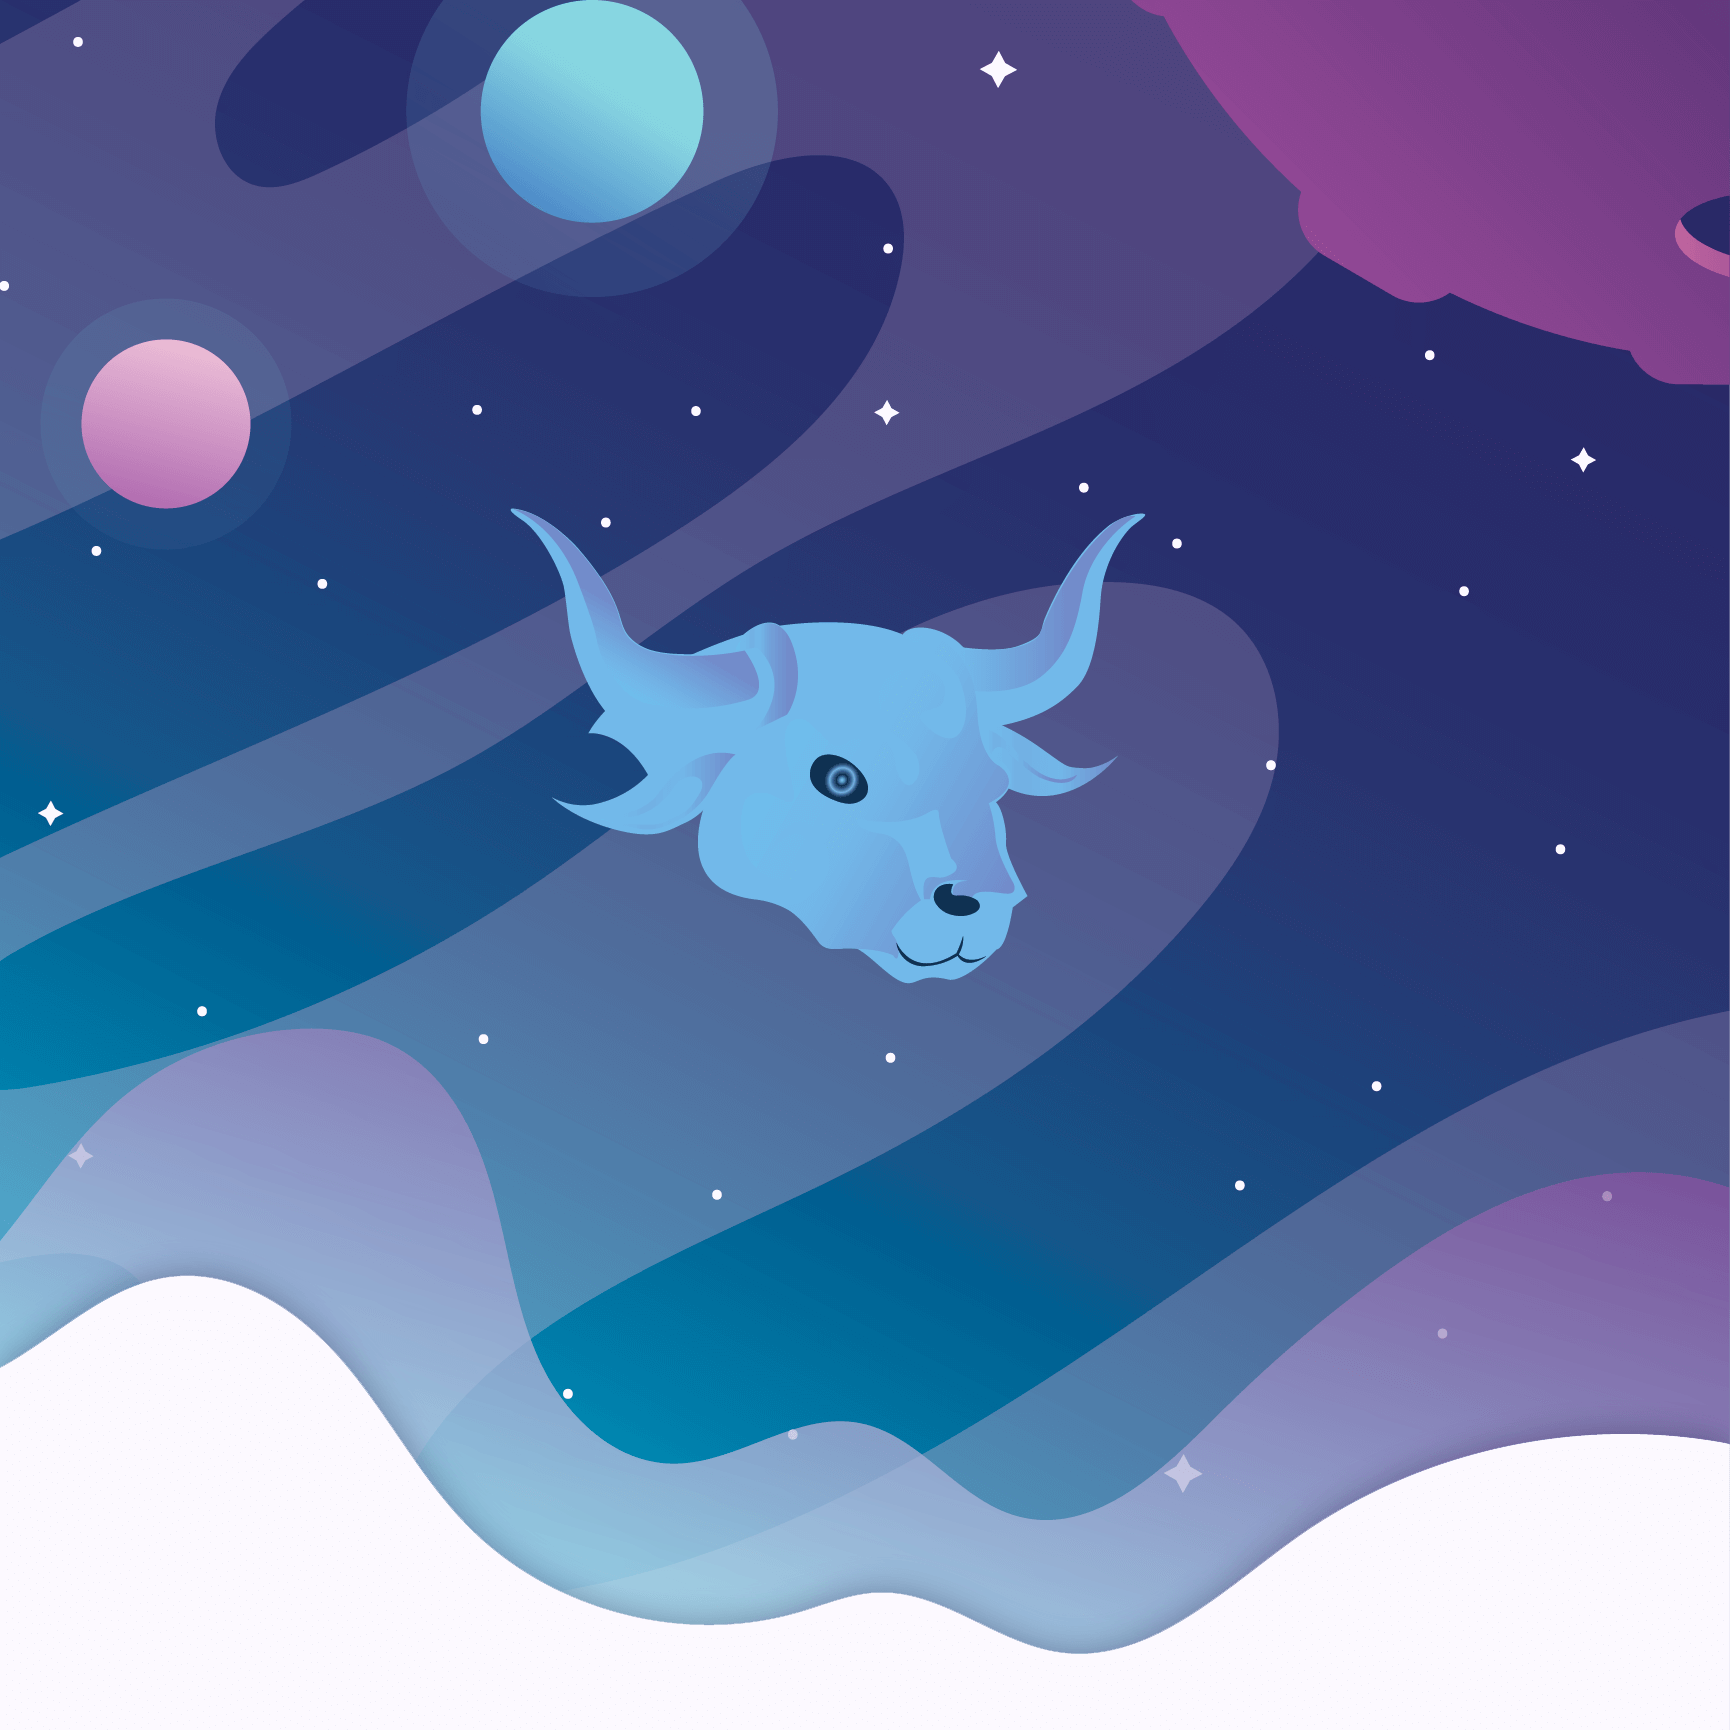 segno del toro